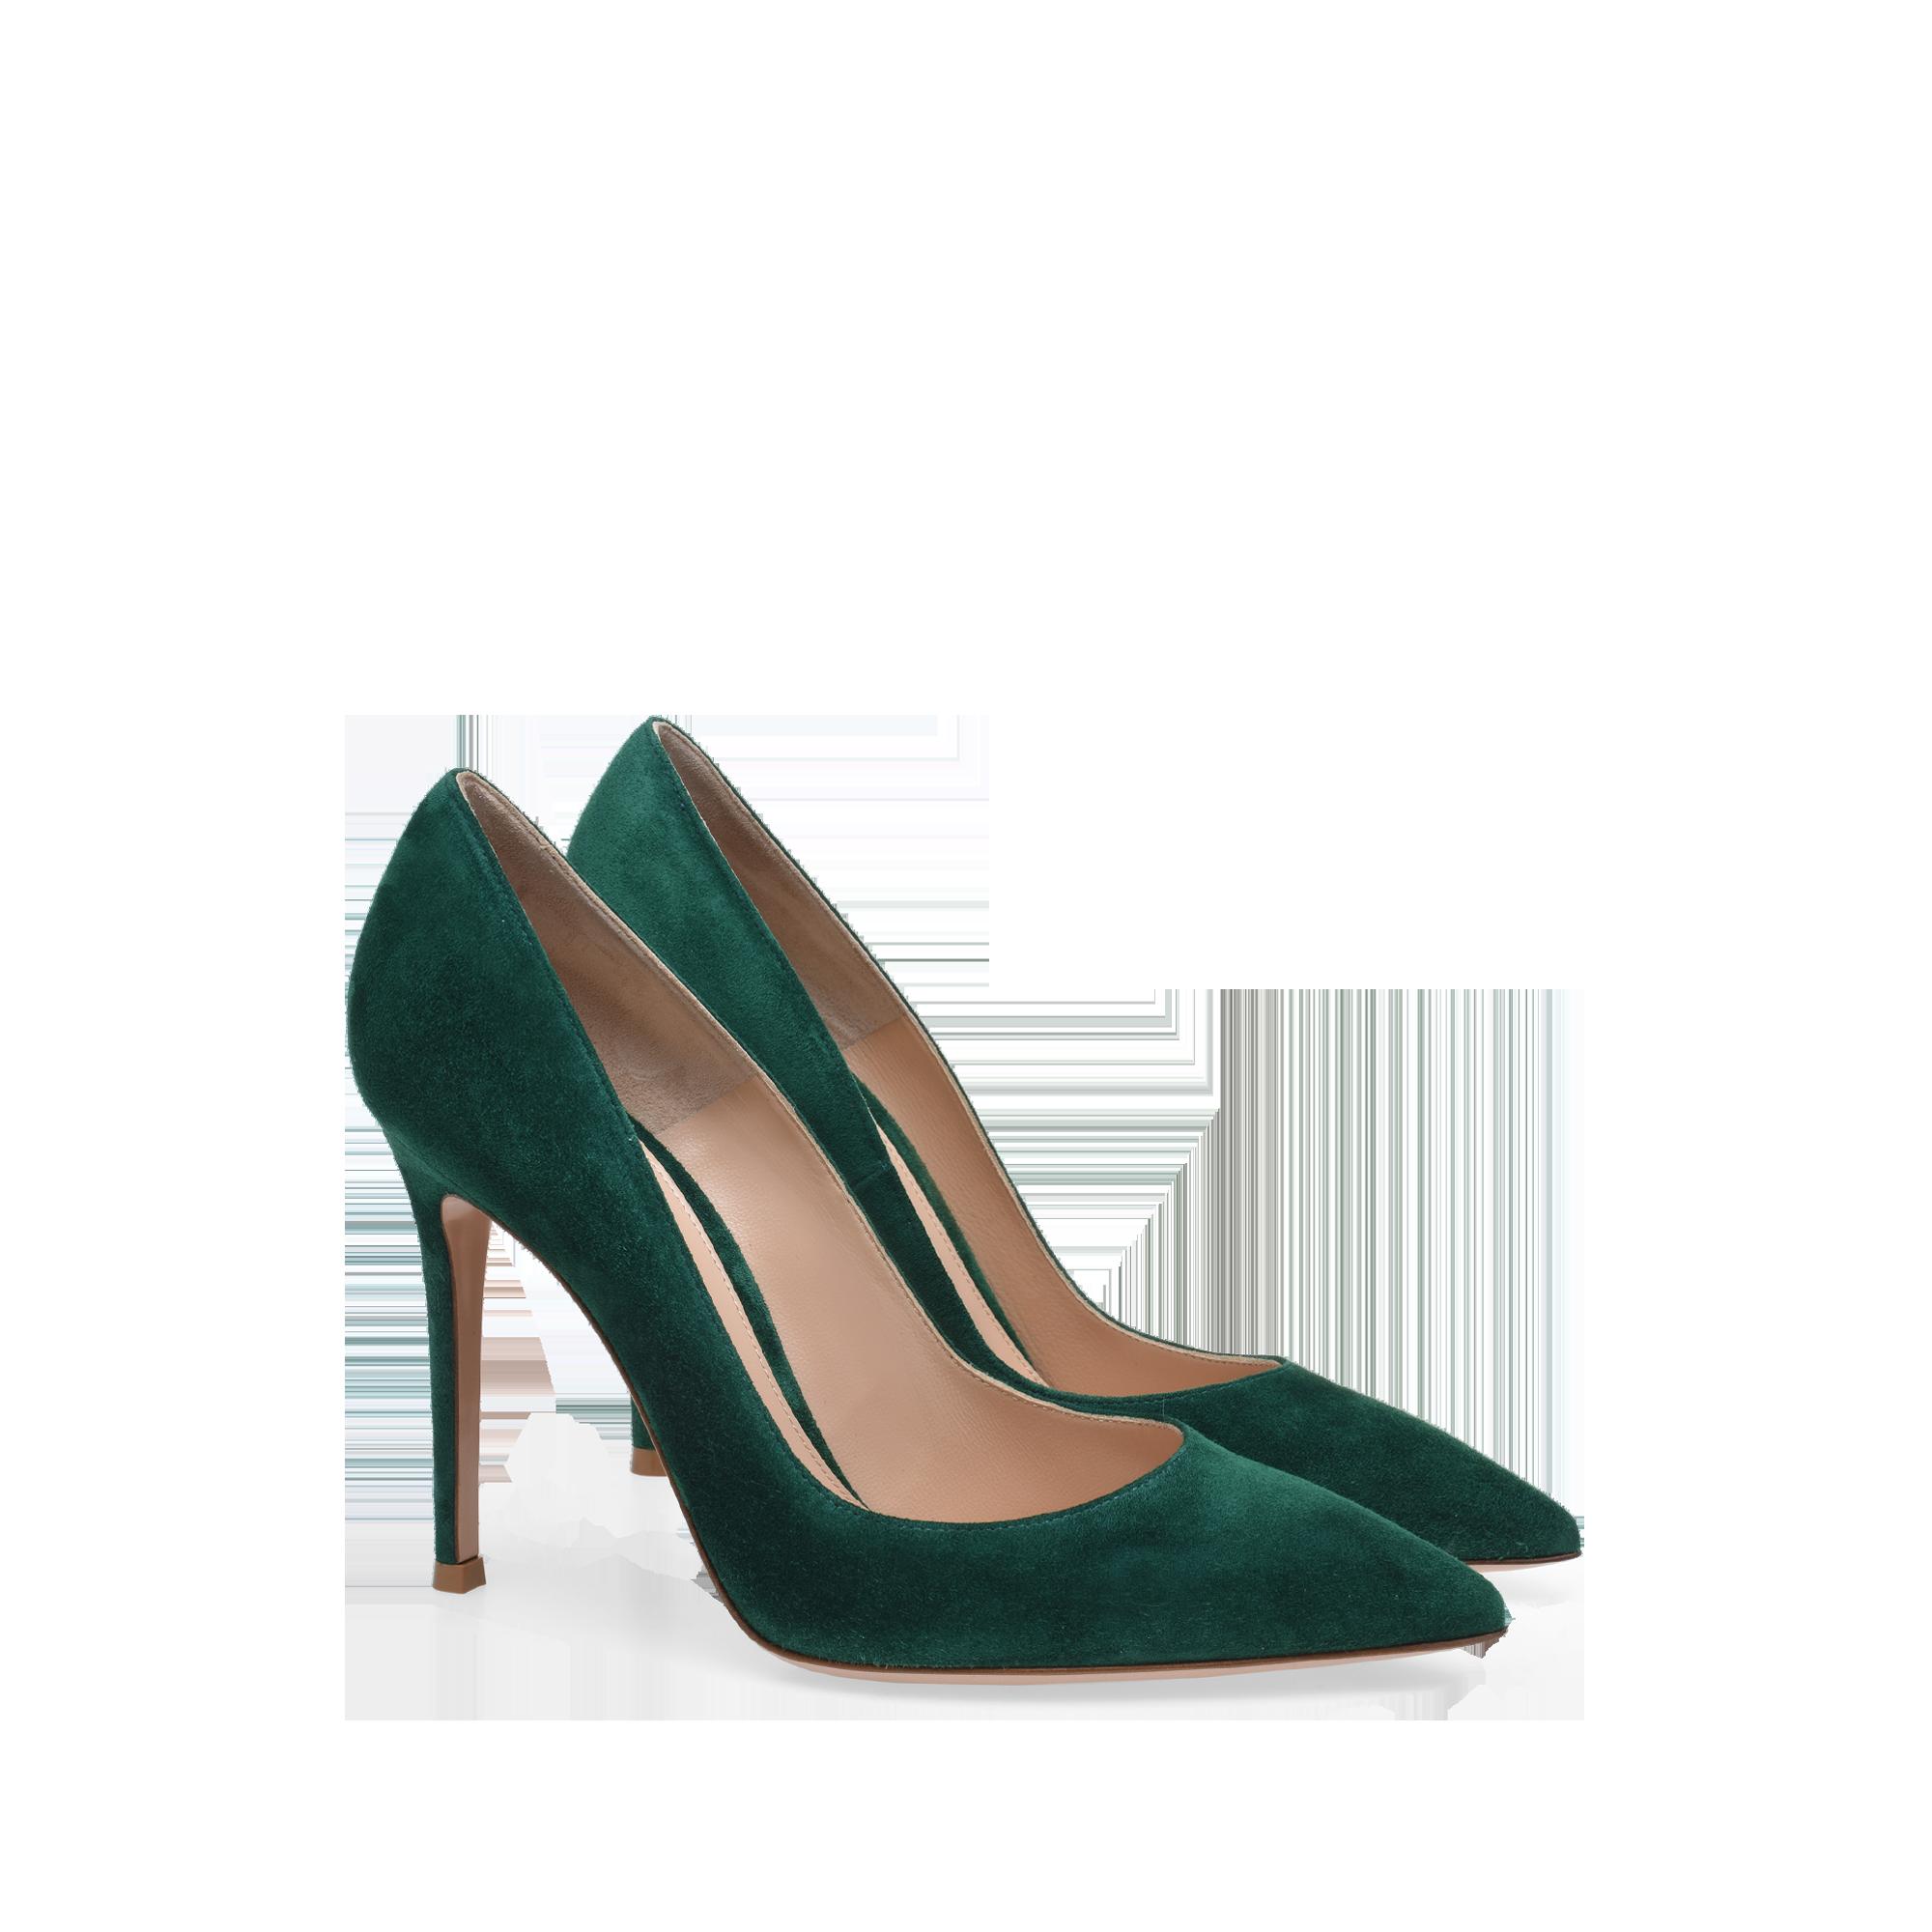 Gianvito 105 Signatures Woman Gianvito Rossi Green Heels Green High Heels Green Suede Heel